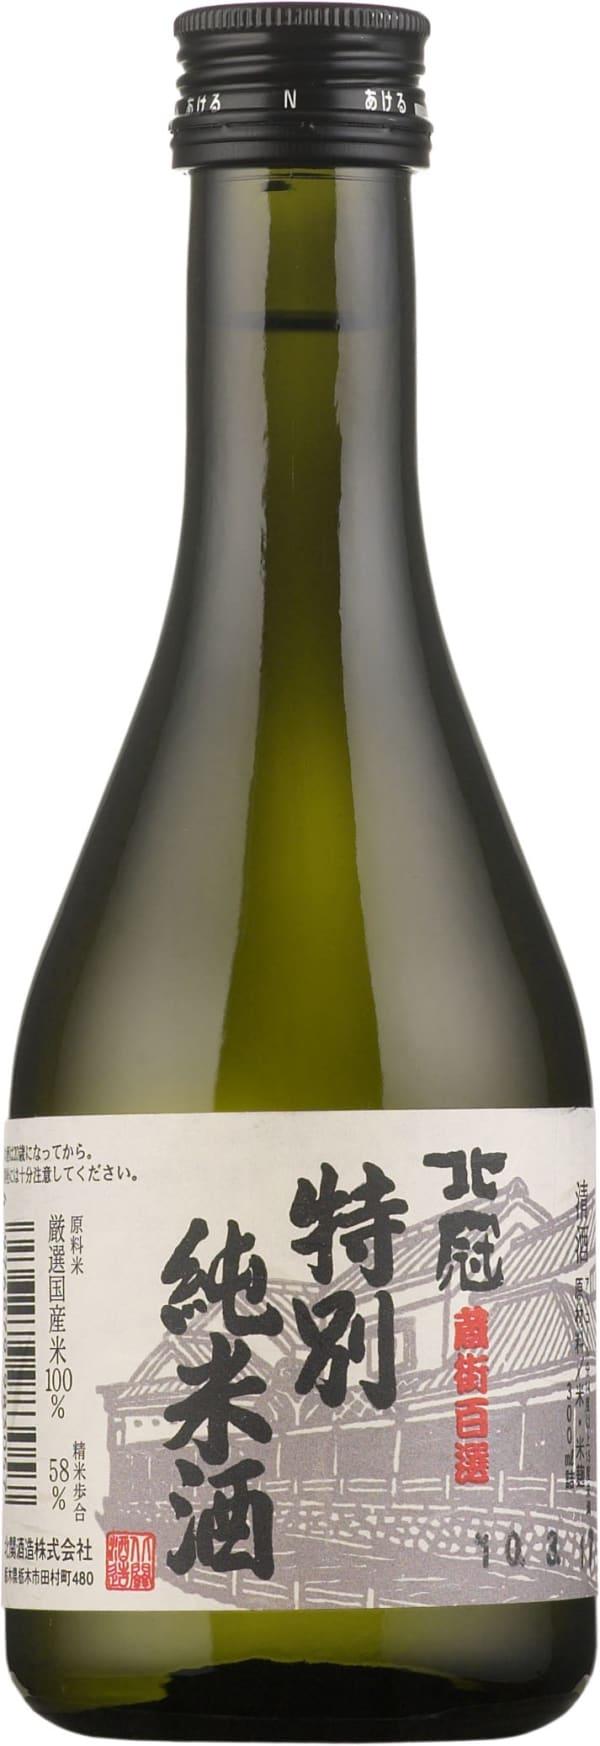 Kura no Machi Tokubetsu Junmai Ginjo Sake